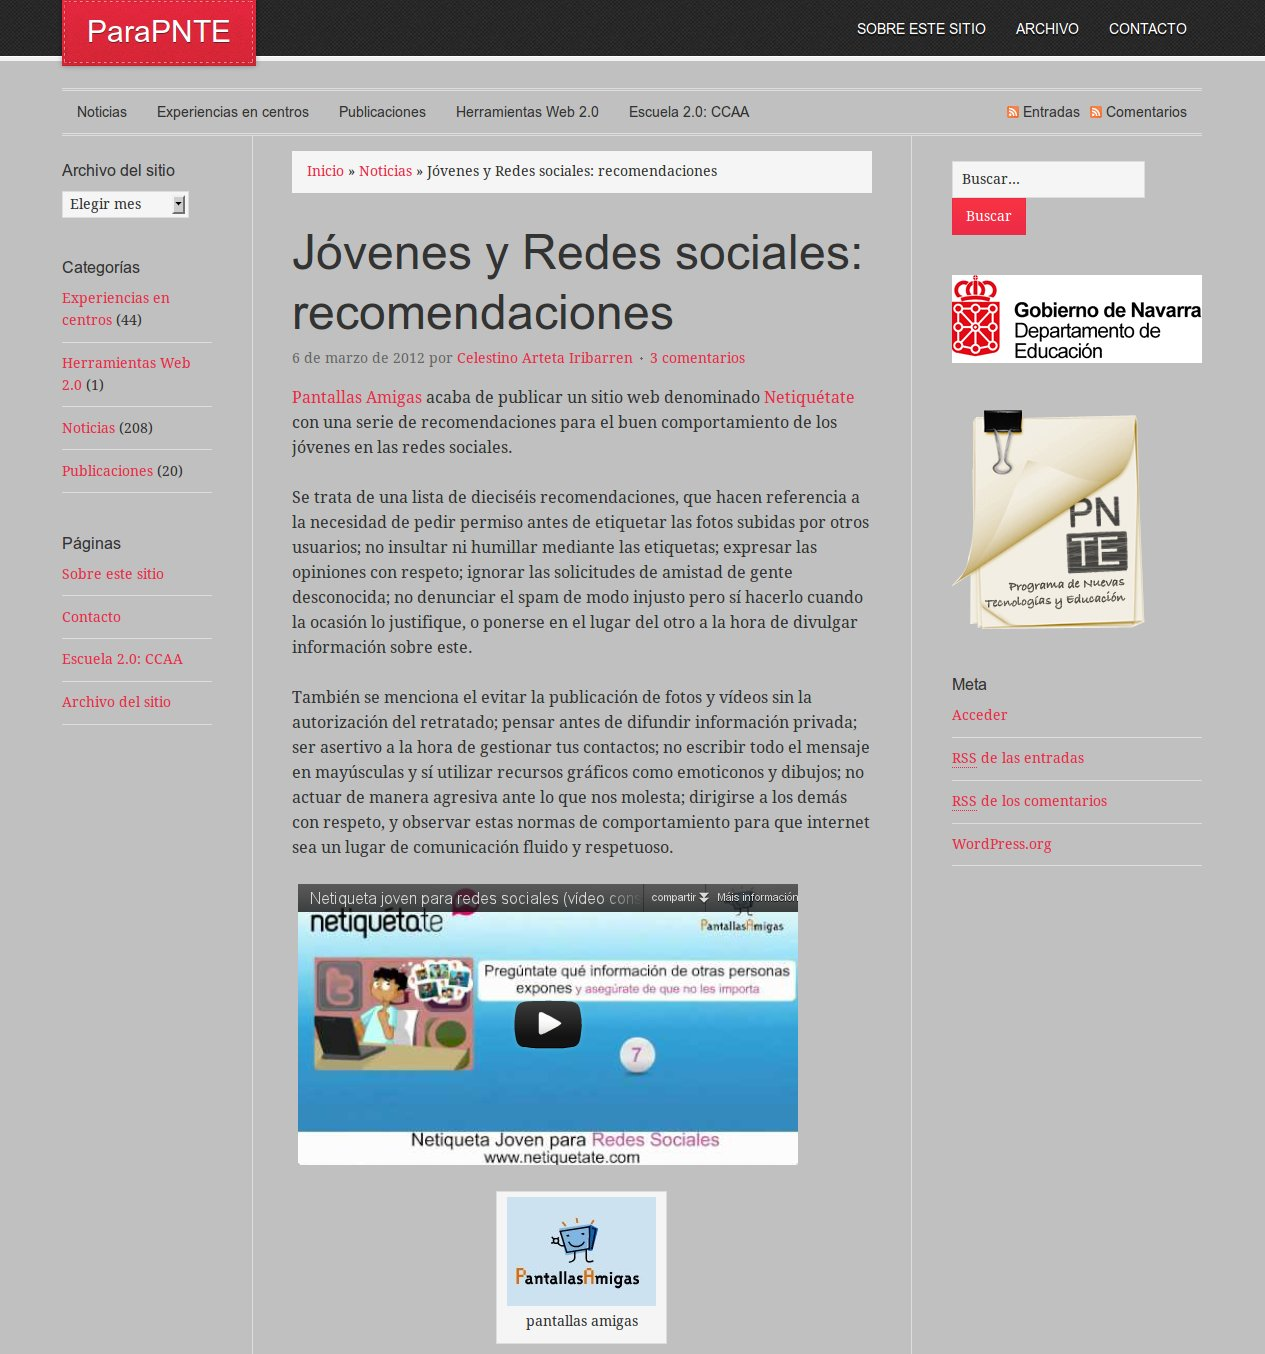 Jóvenes y Redes sociales: recomendaciones